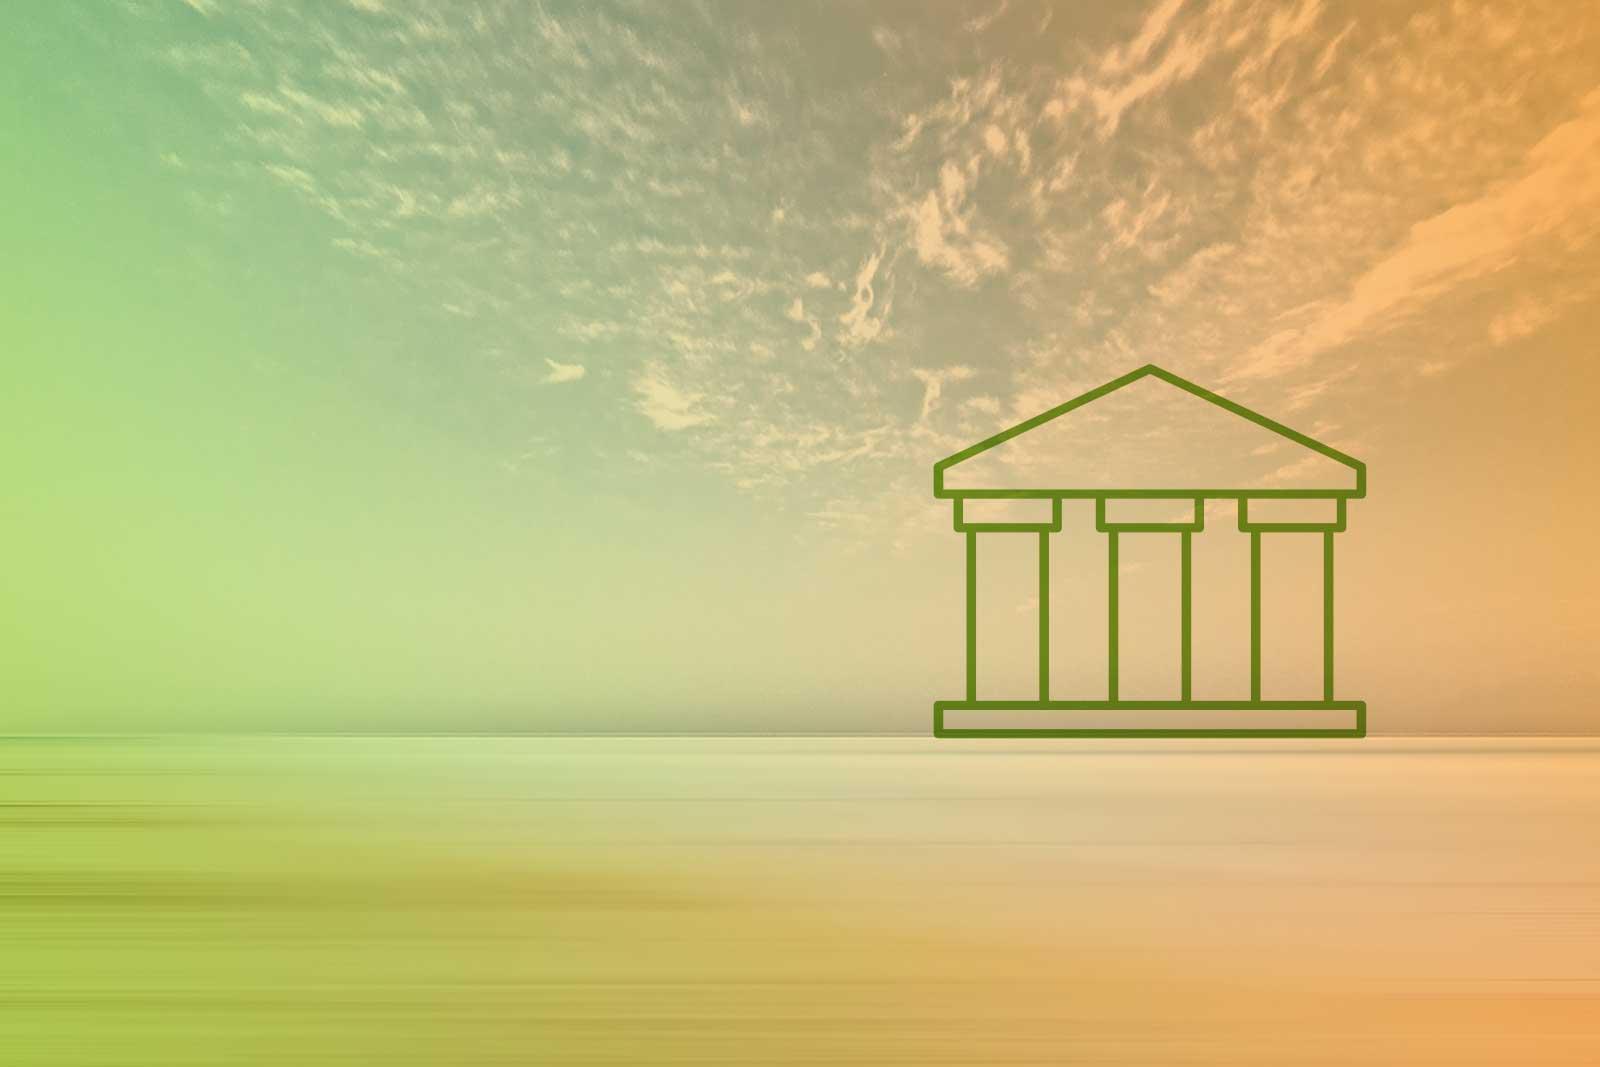 Imagem de um horizonte com um ícone de uma edificação com pilares